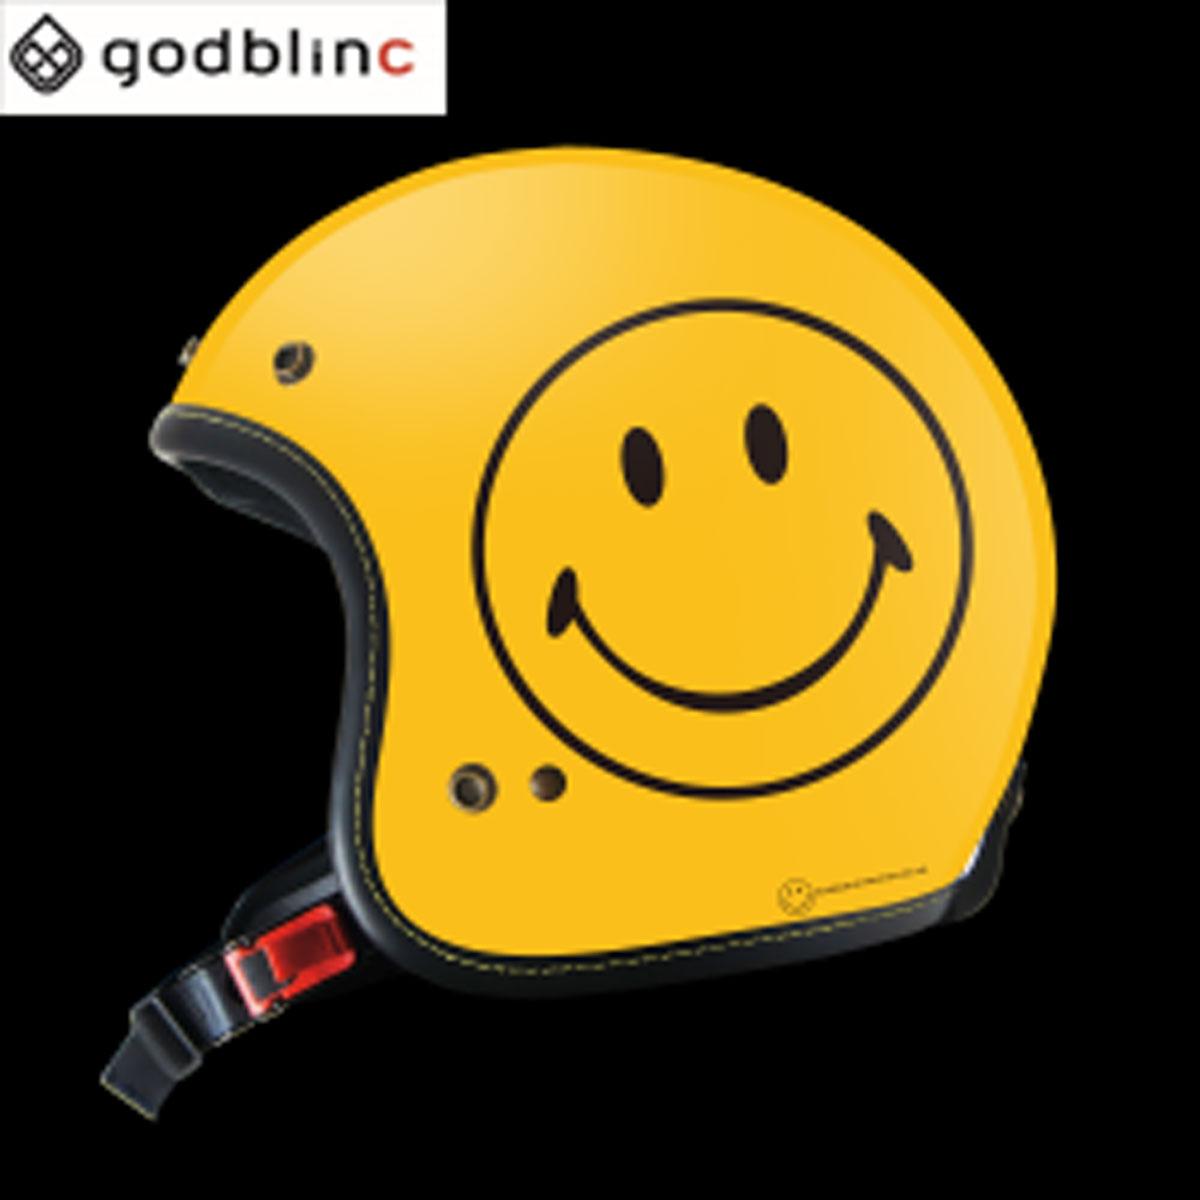 ジェットヘルメット SmileyFace限定オリジナルジェット YELLOW M L XL godblinc ゴッドブリンク